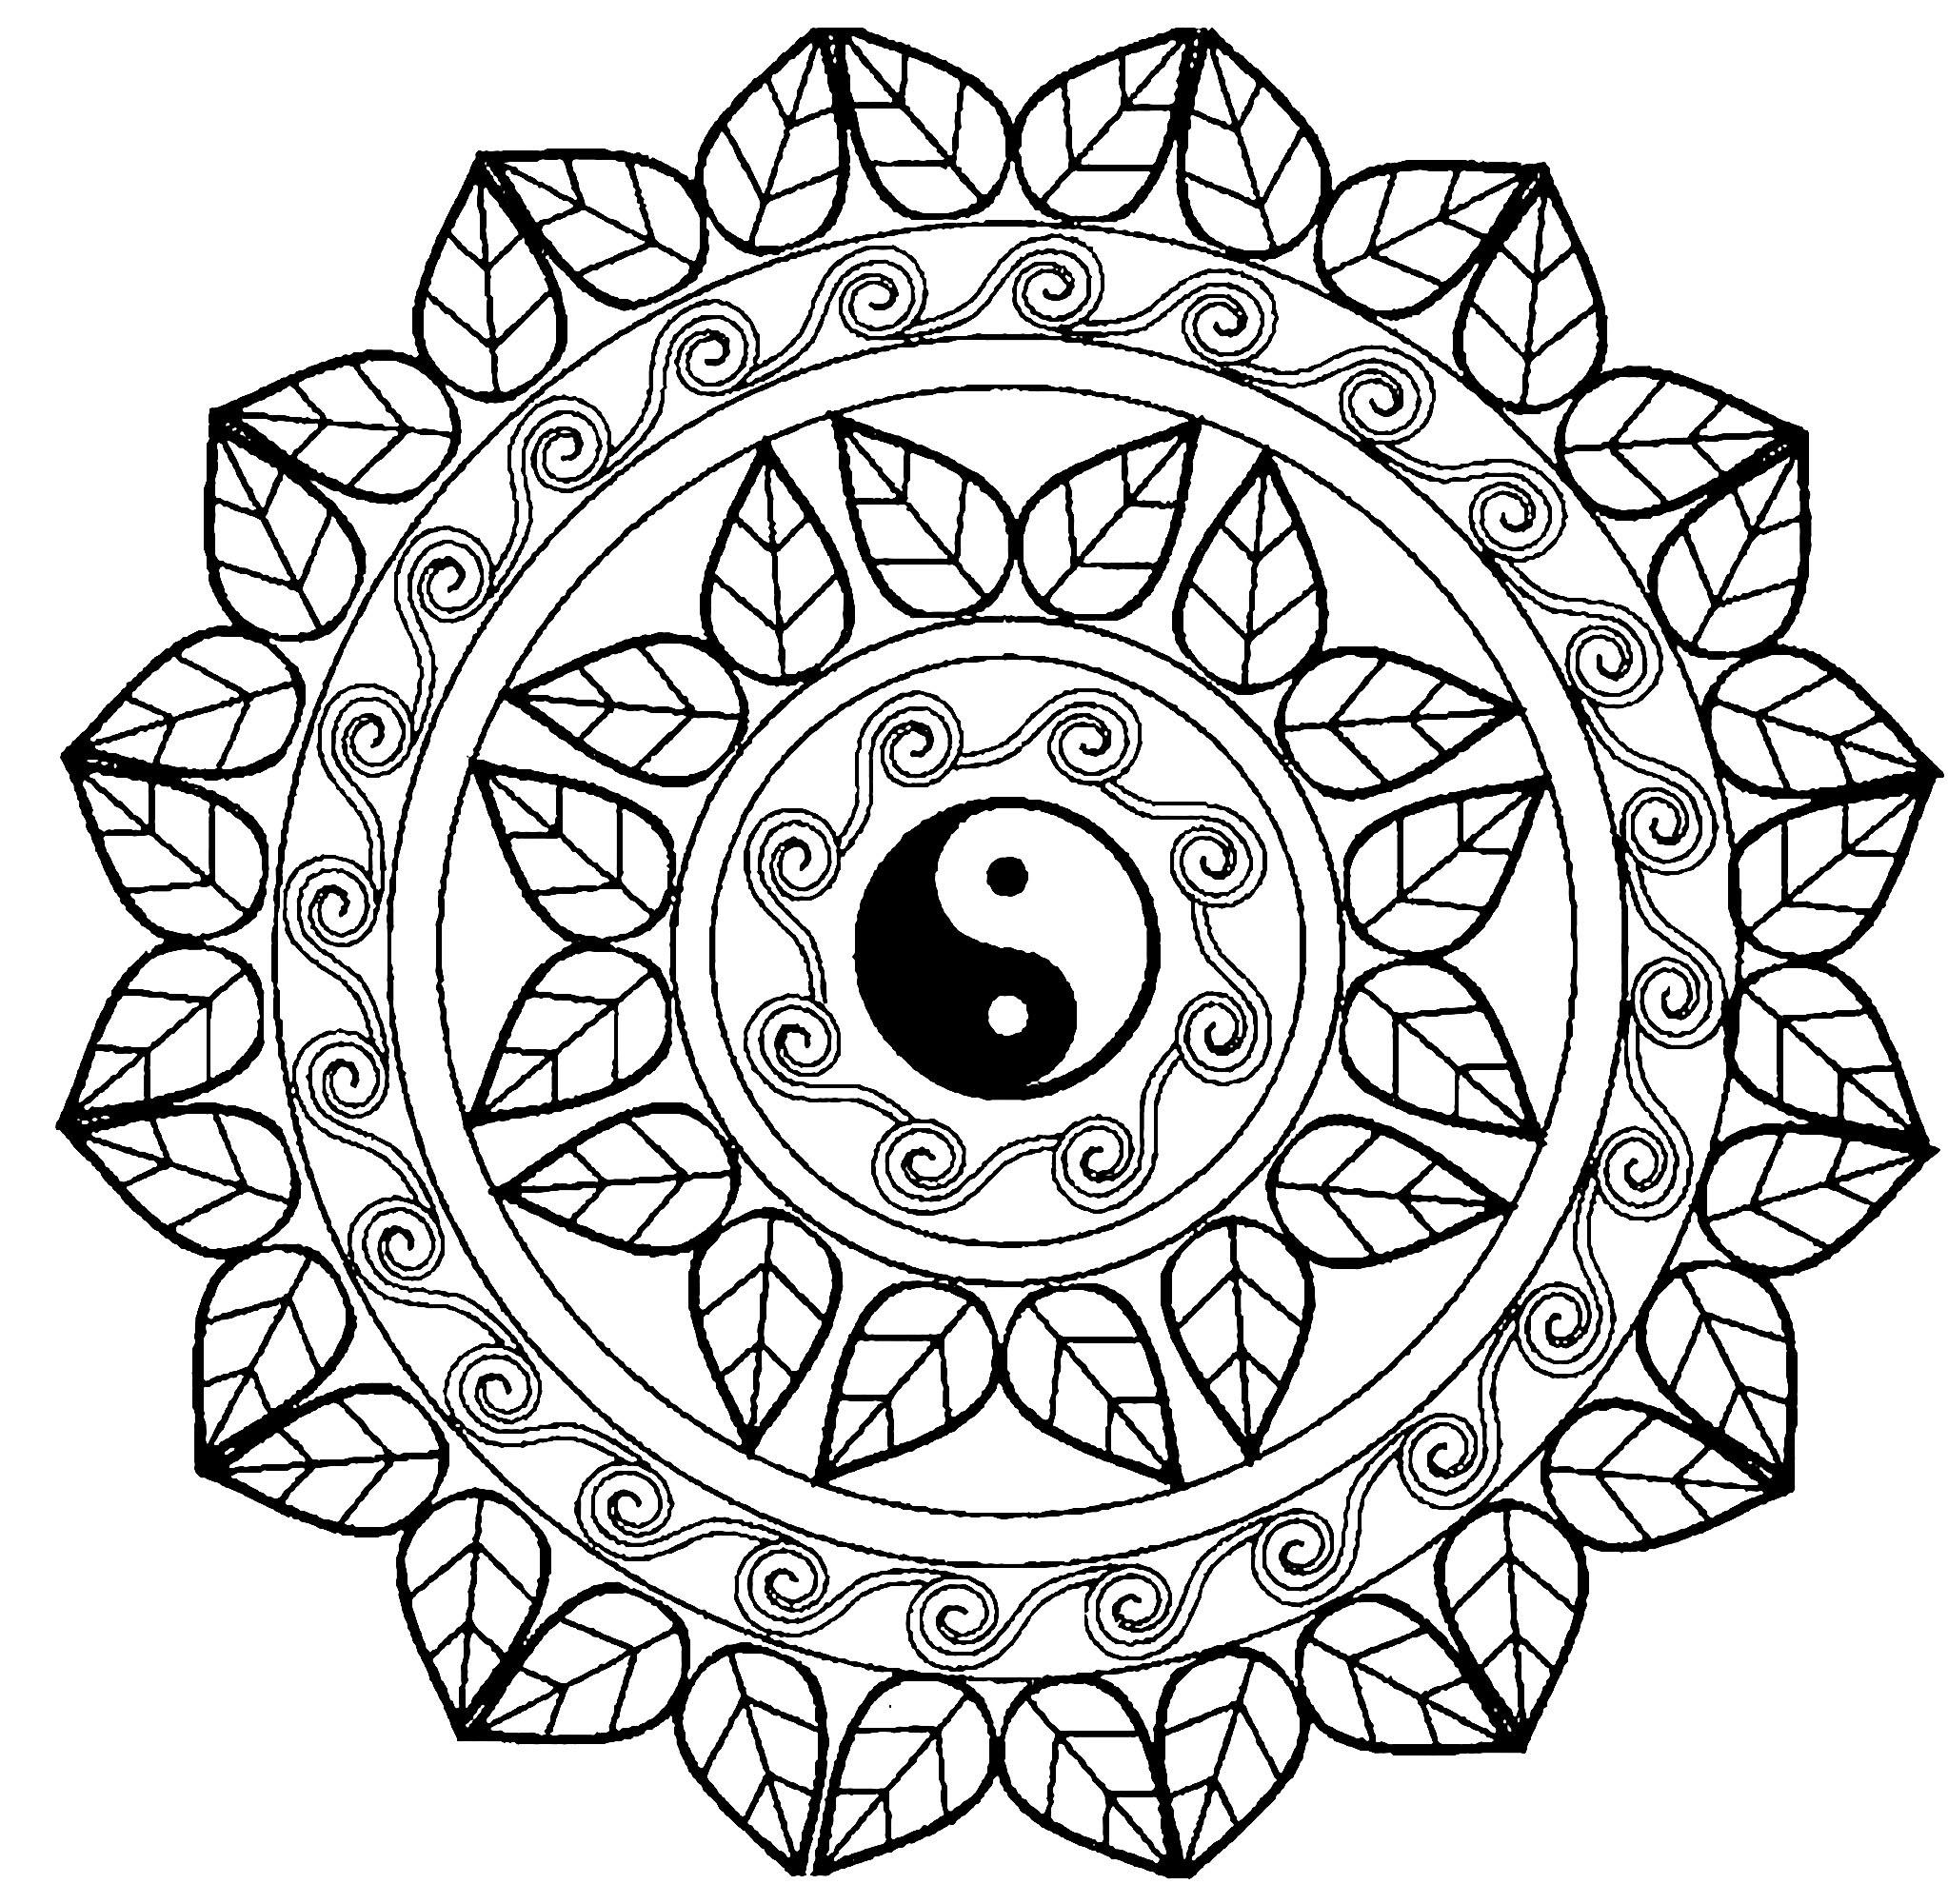 Yin Yang Drawing At Getdrawingscom Free For Personal Use Yin Yang